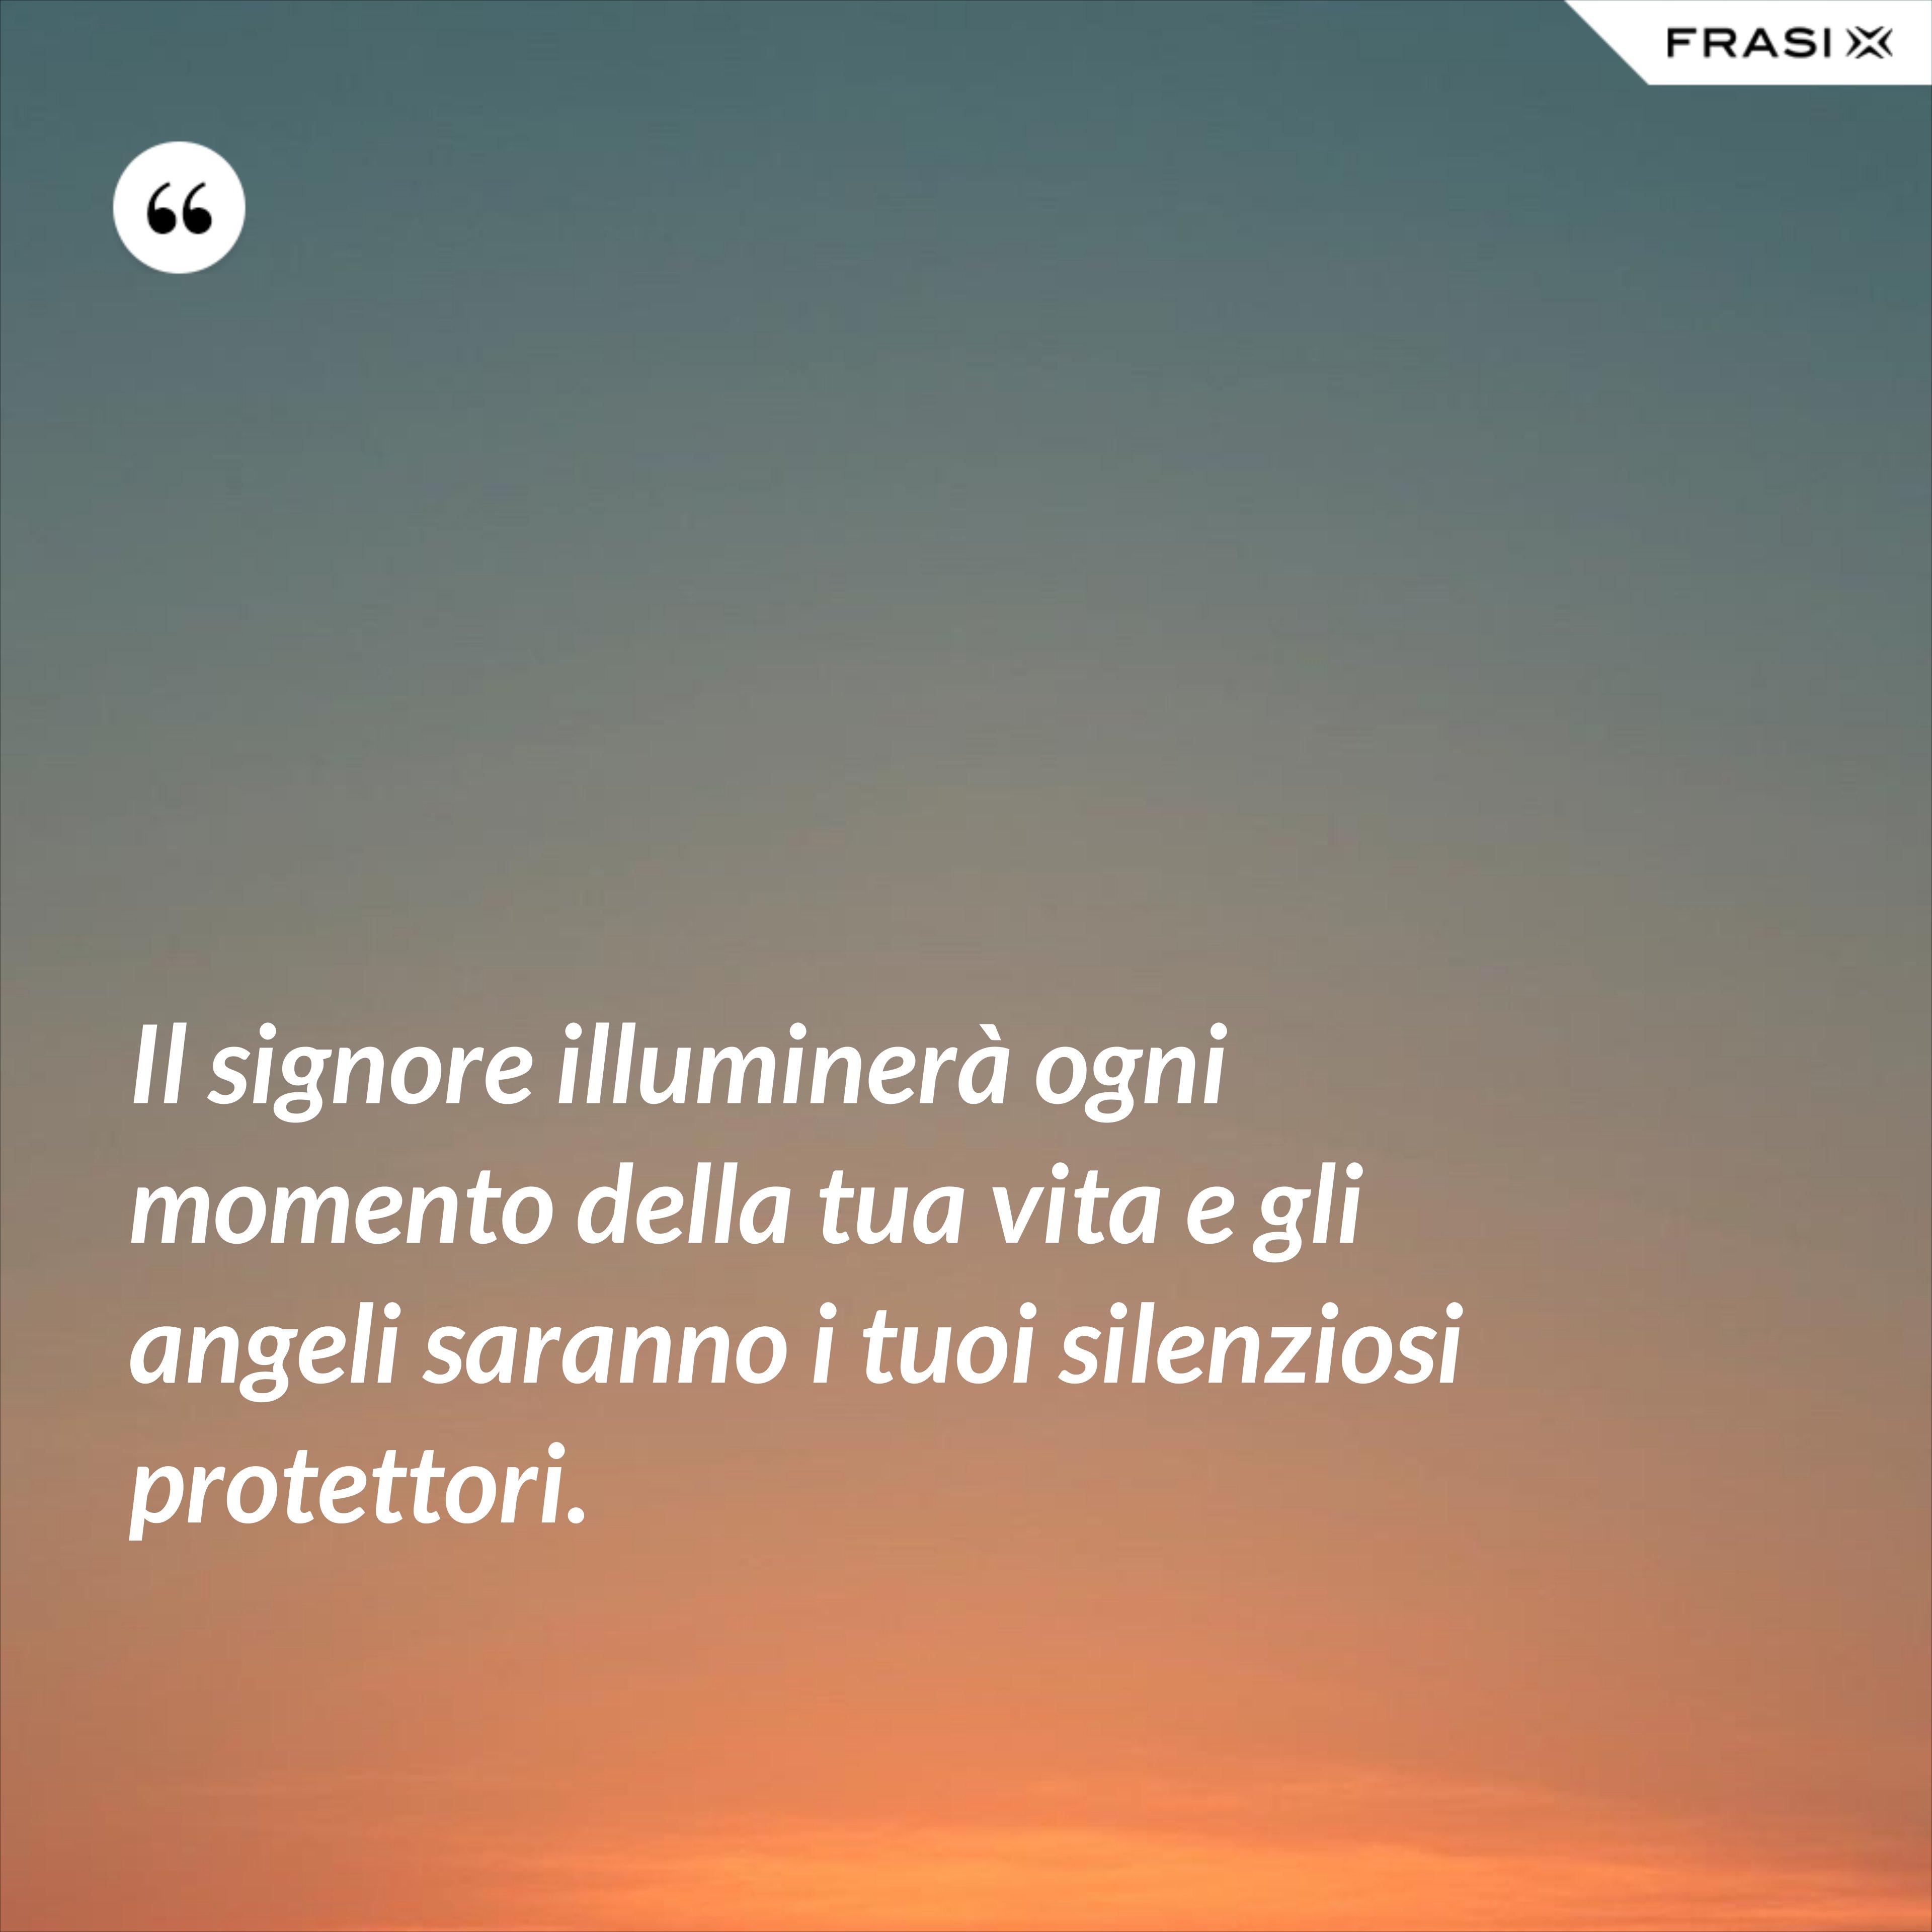 Il signore illuminerà ogni momento della tua vita e gli angeli saranno i tuoi silenziosi protettori. - Anonimo